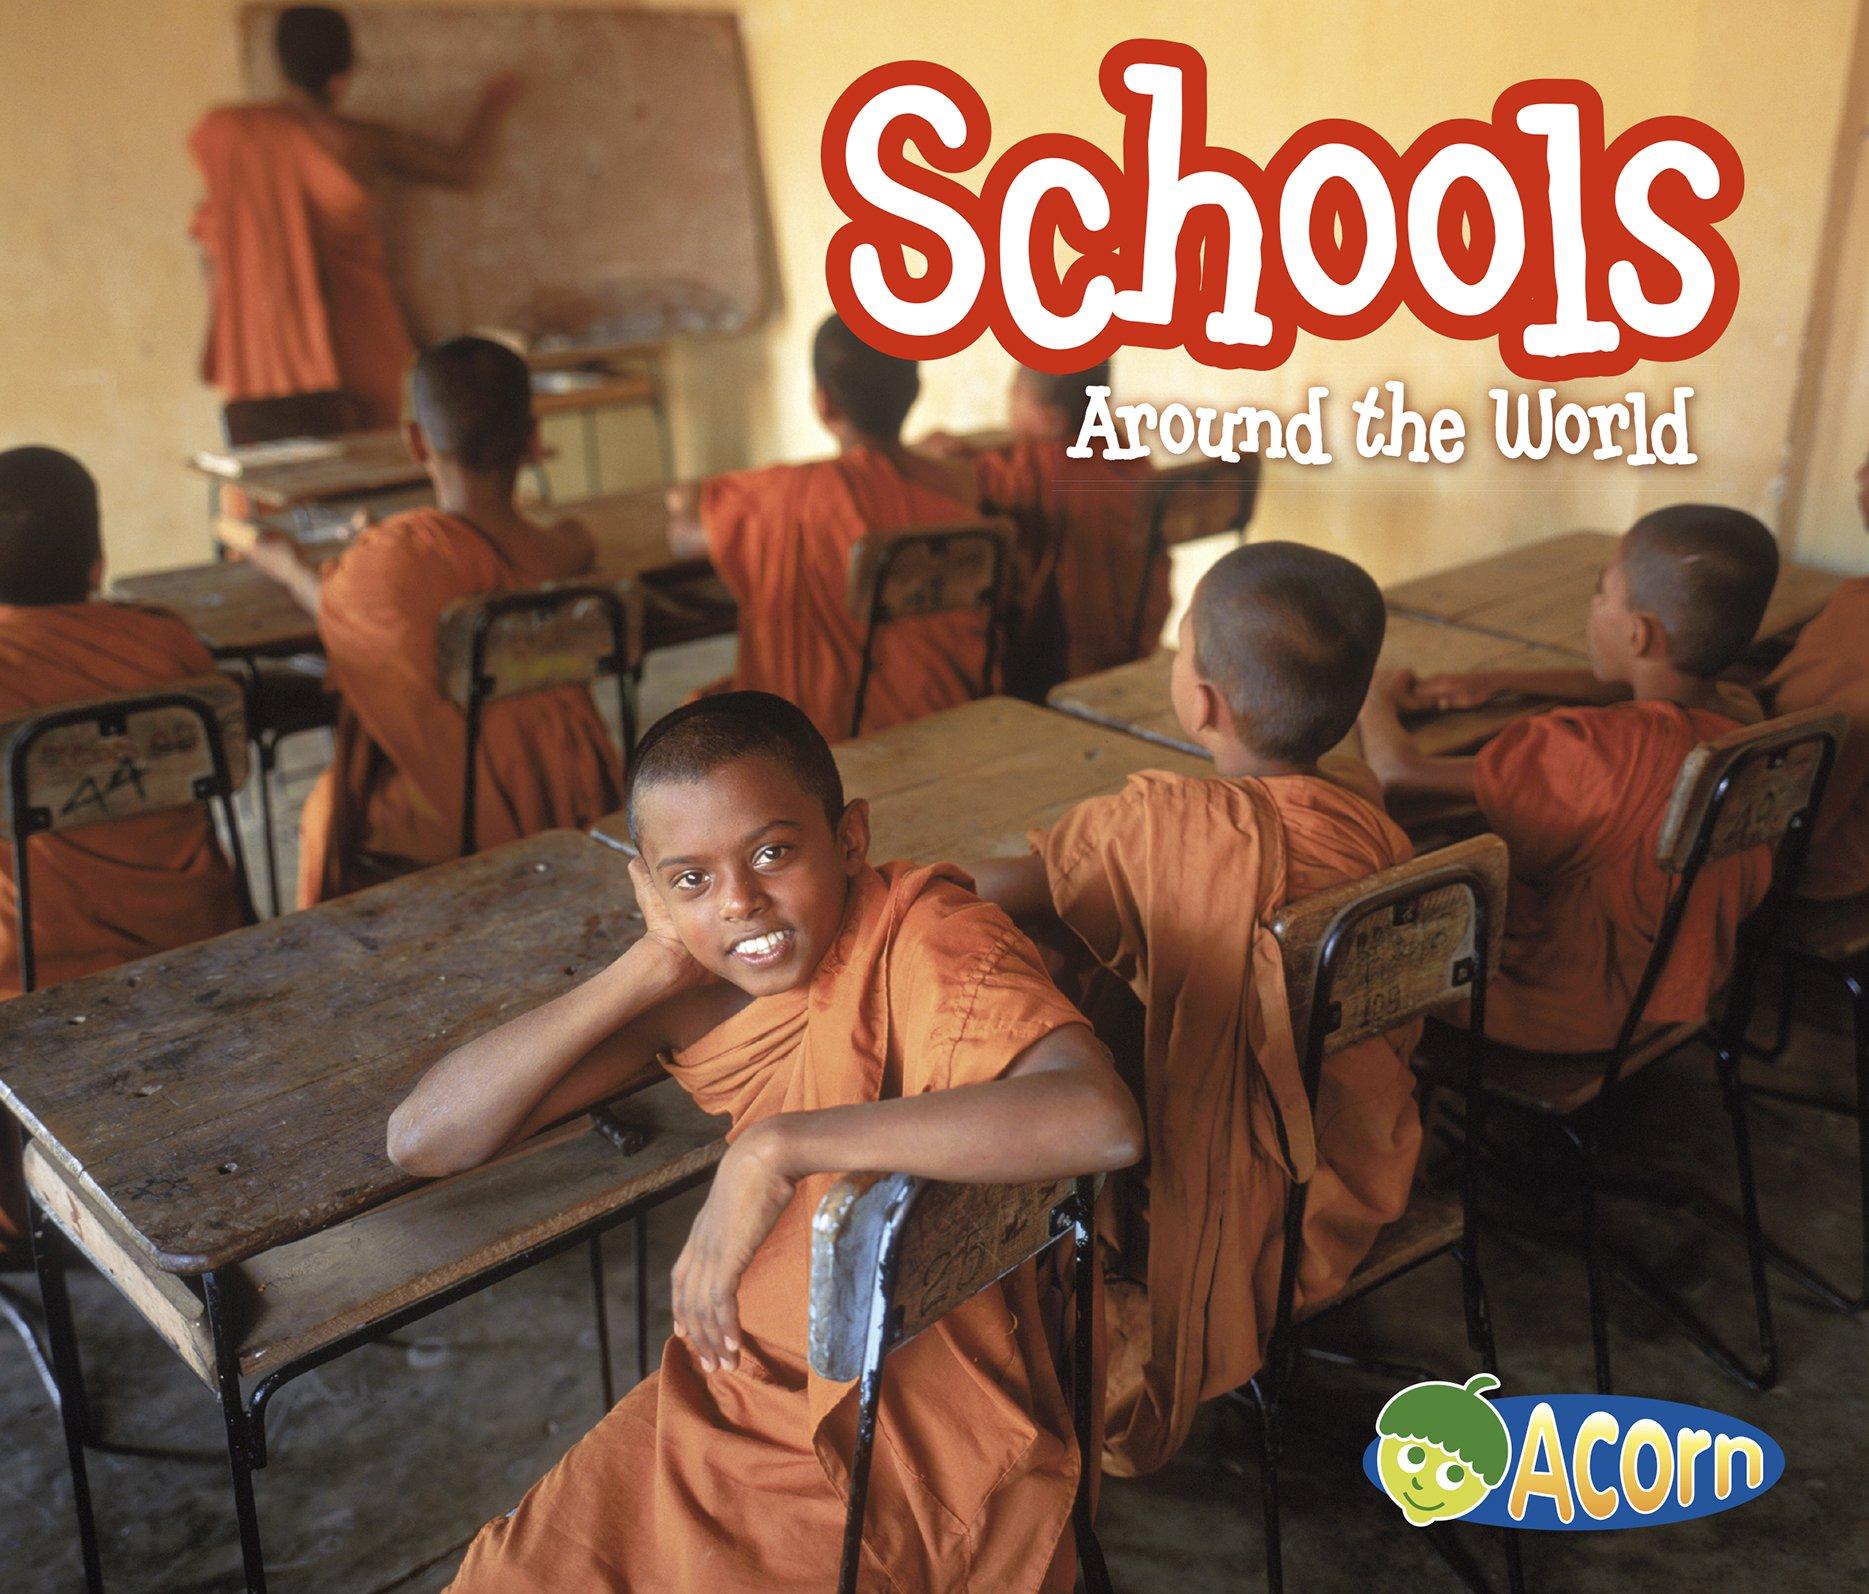 Schools Around the World: Lewis, Clare: 9781484603772: Amazon.com ...